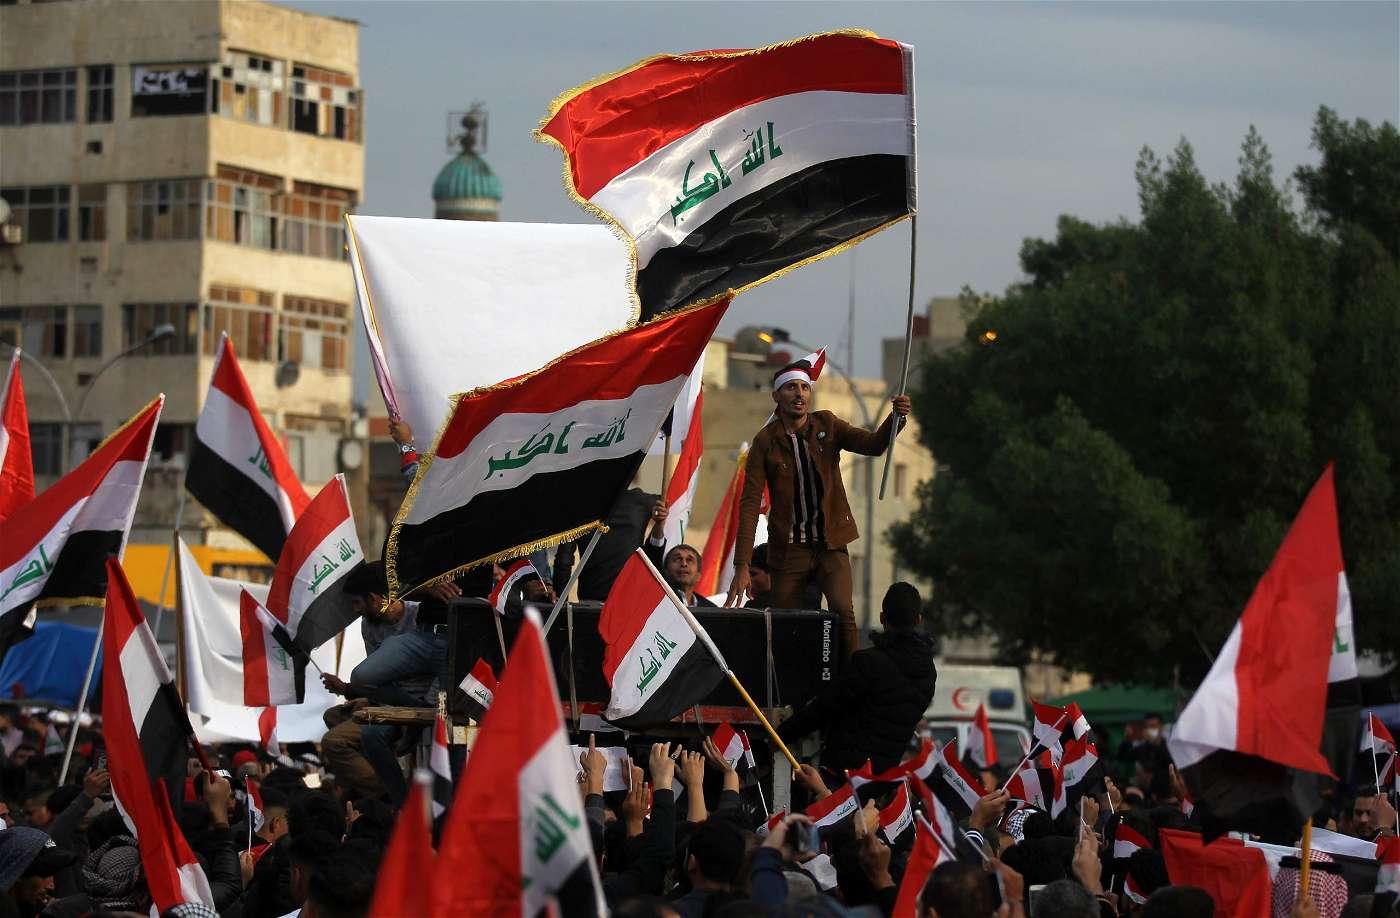 برهم صالح: عصابات وميليشيات هى المسؤولة عن قتل المتظاهرين ببغداد